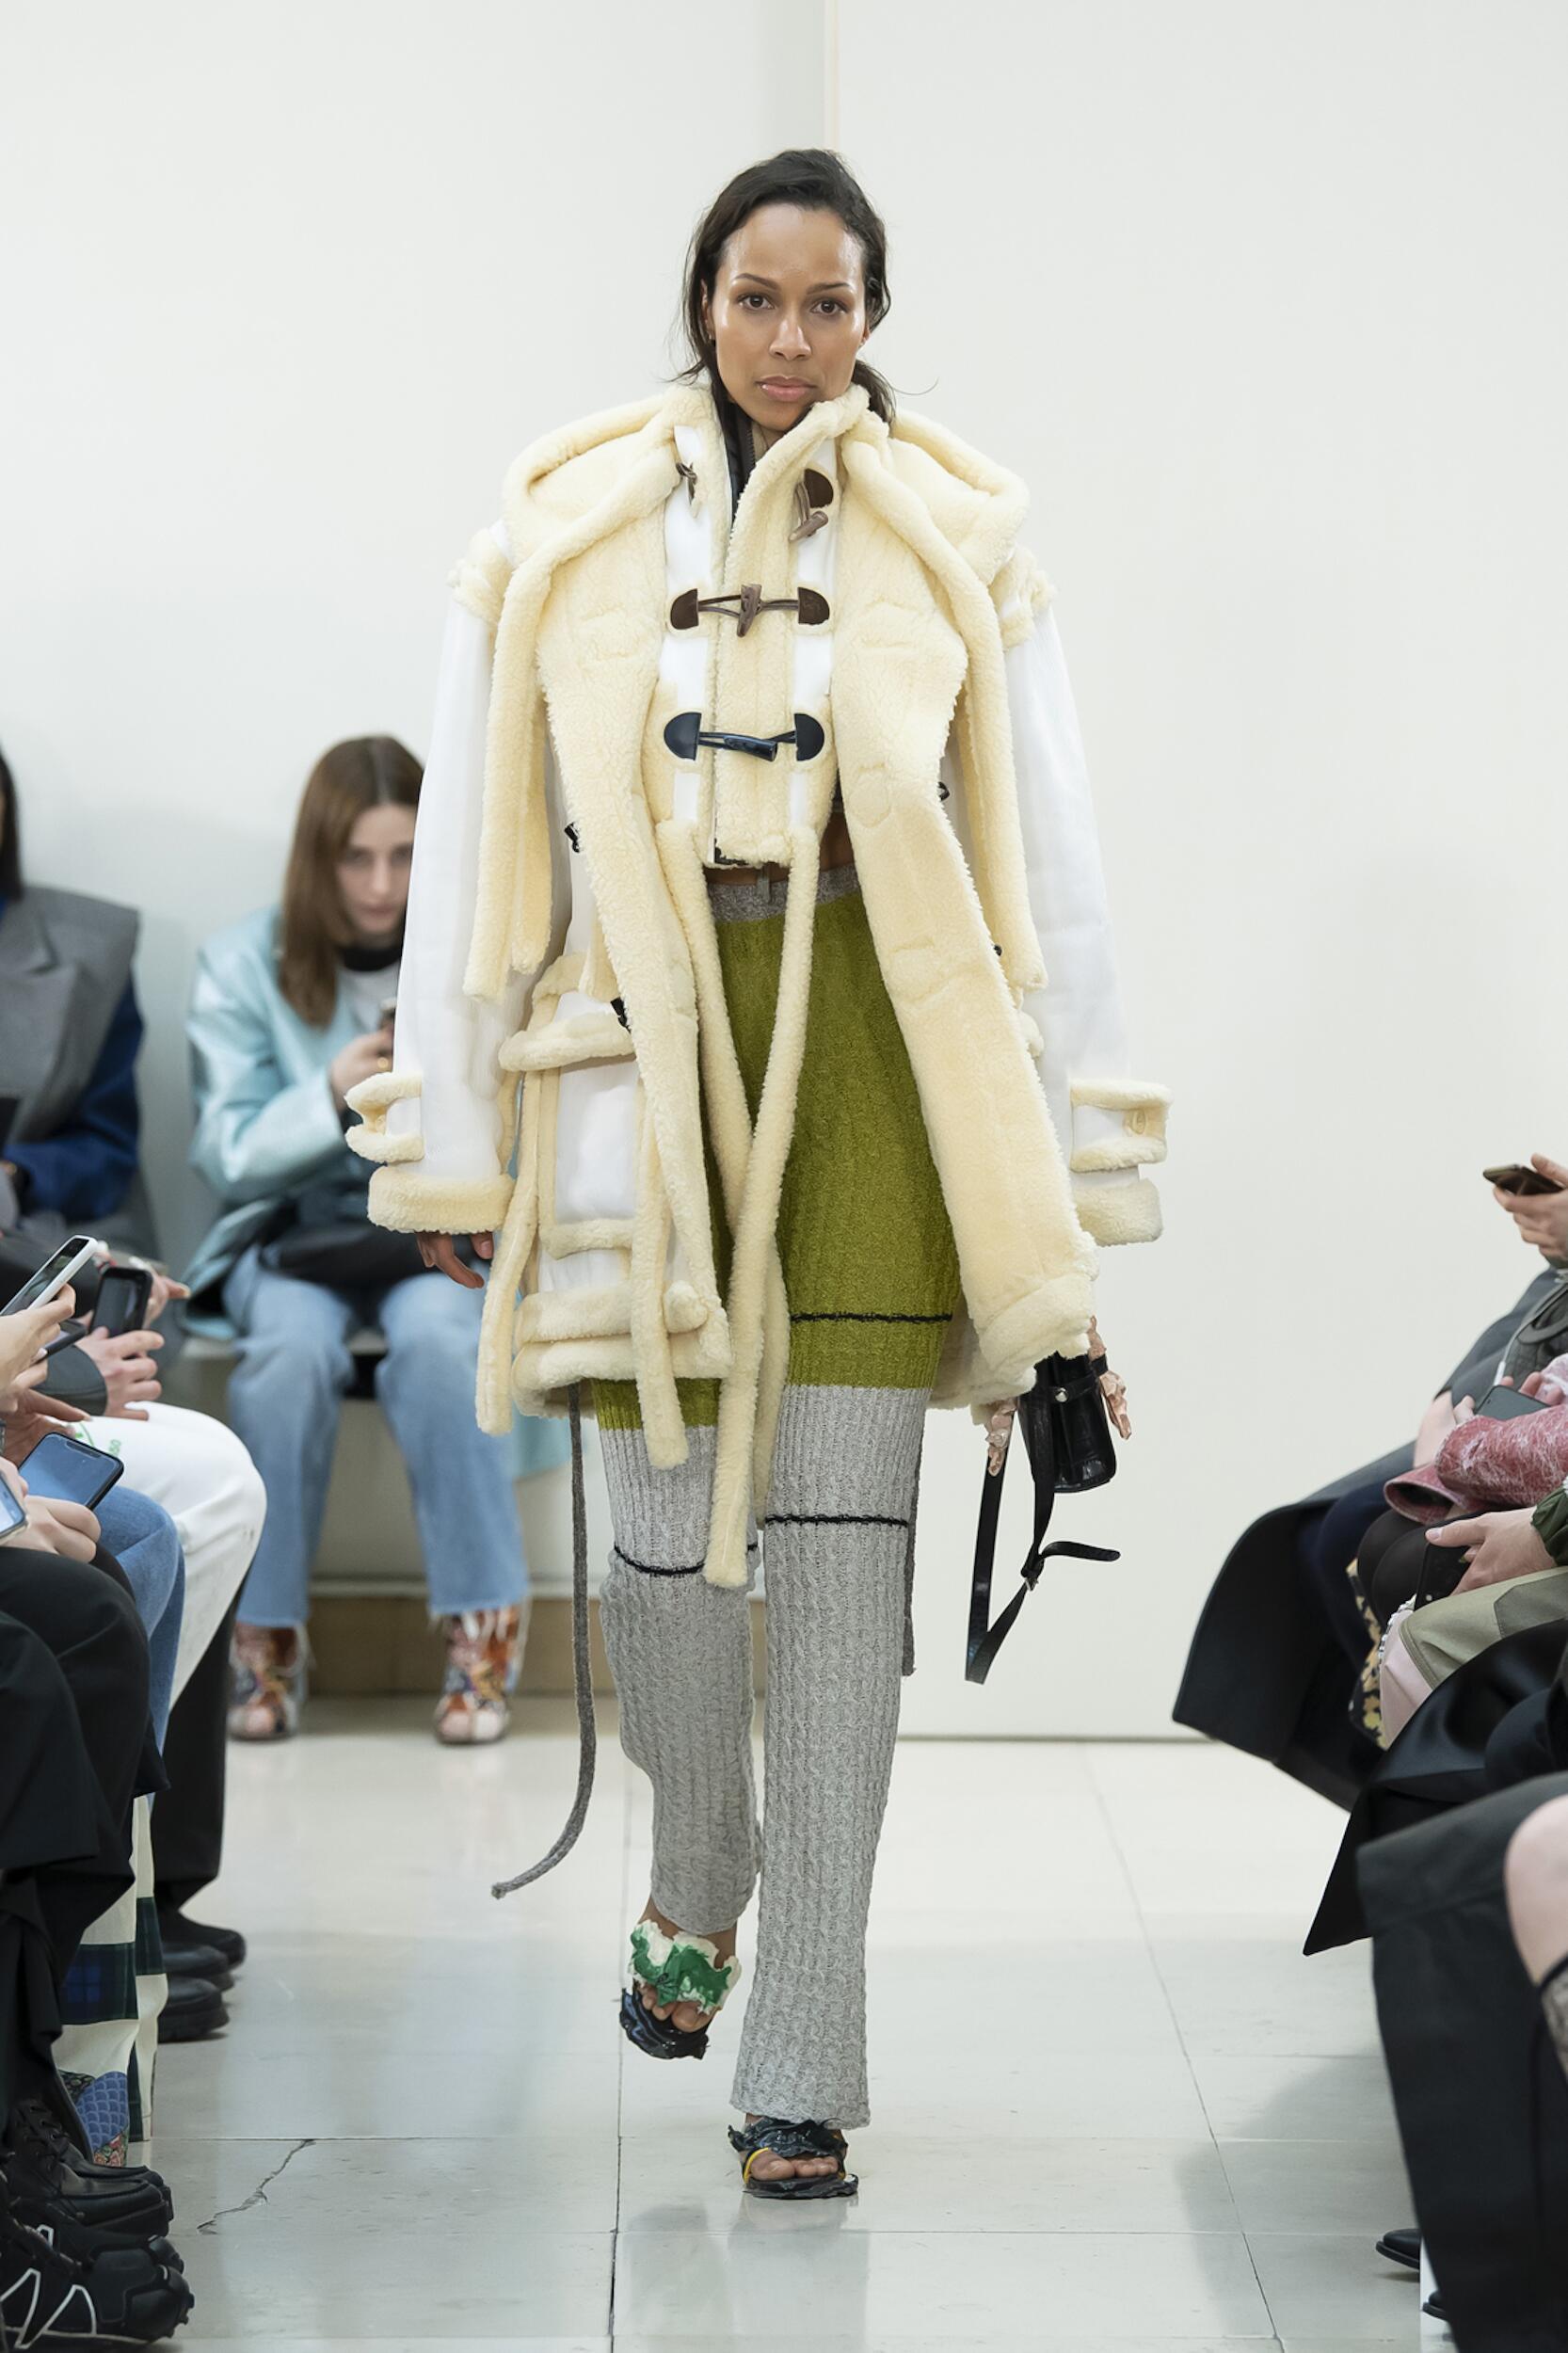 FW 2020-21 Ottolinger Fashion Show